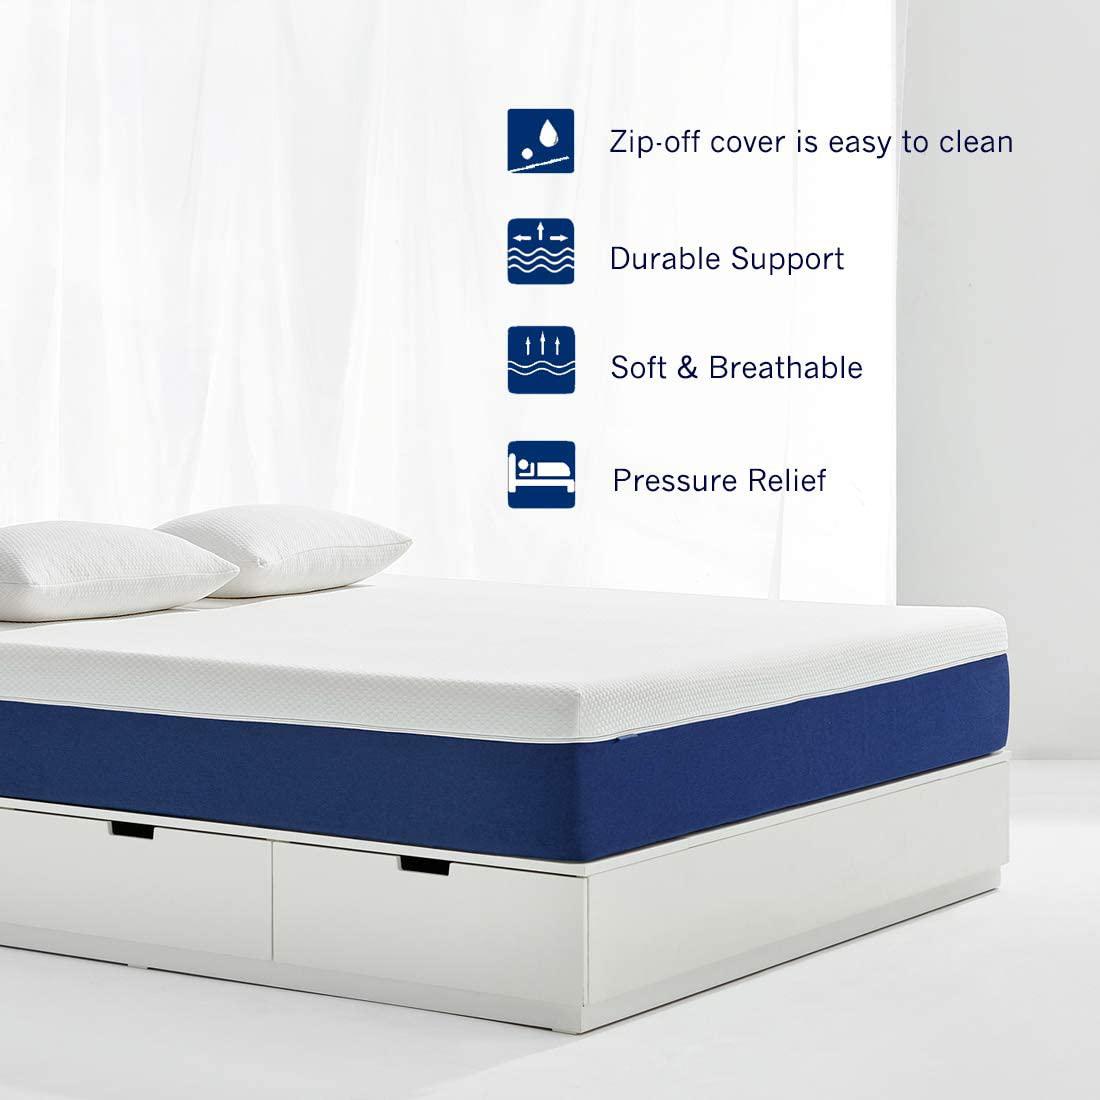 Desmontable cubierta de la cremallera de tela de bambú cama doble tamaño de espuma de memoria de gel colchón para dormir